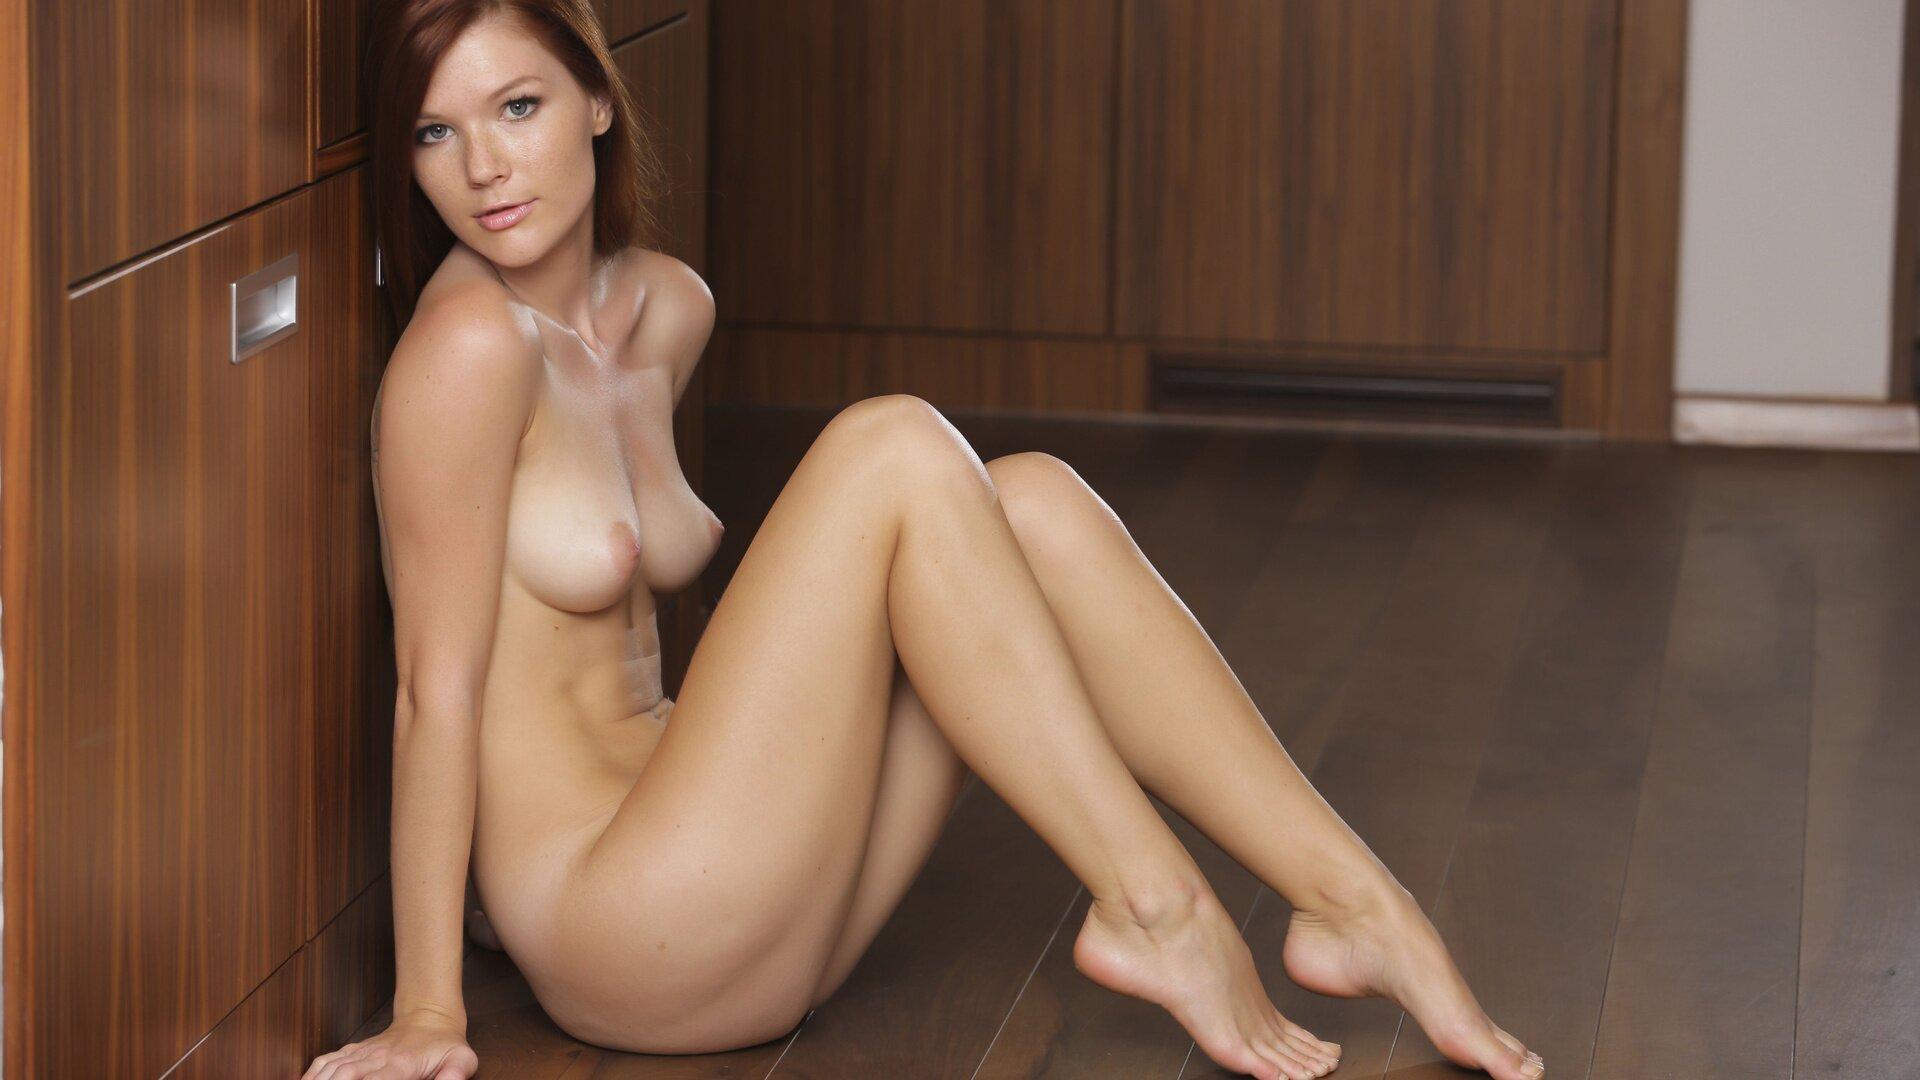 красивые женские ноги голые - 7